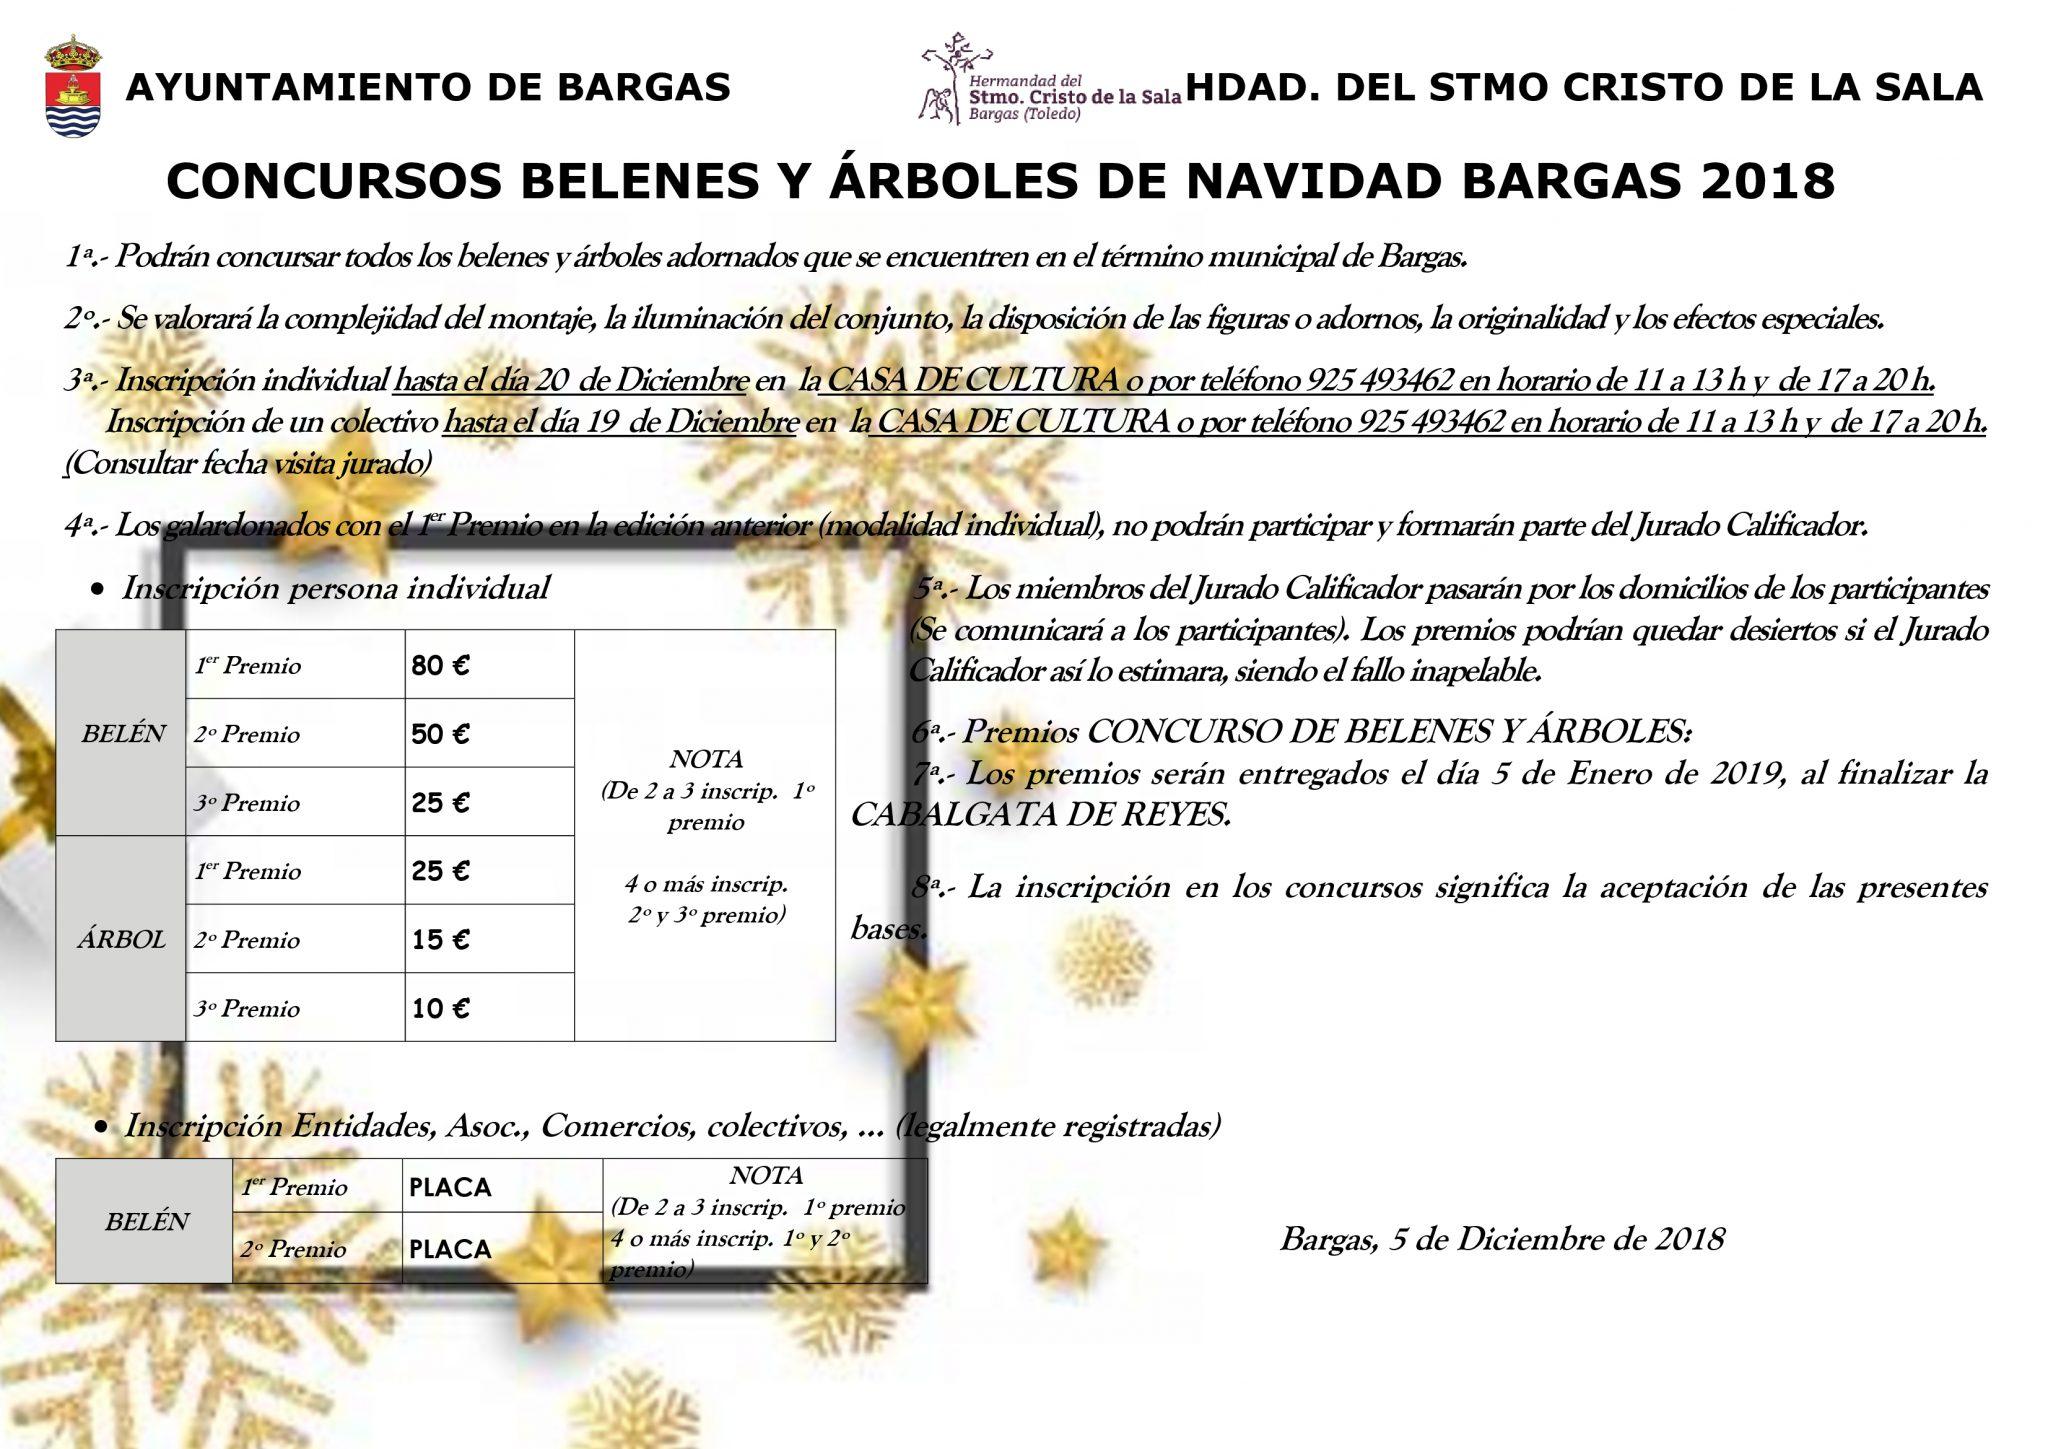 Concurso de Belenes y Árboles de Navidad 2018